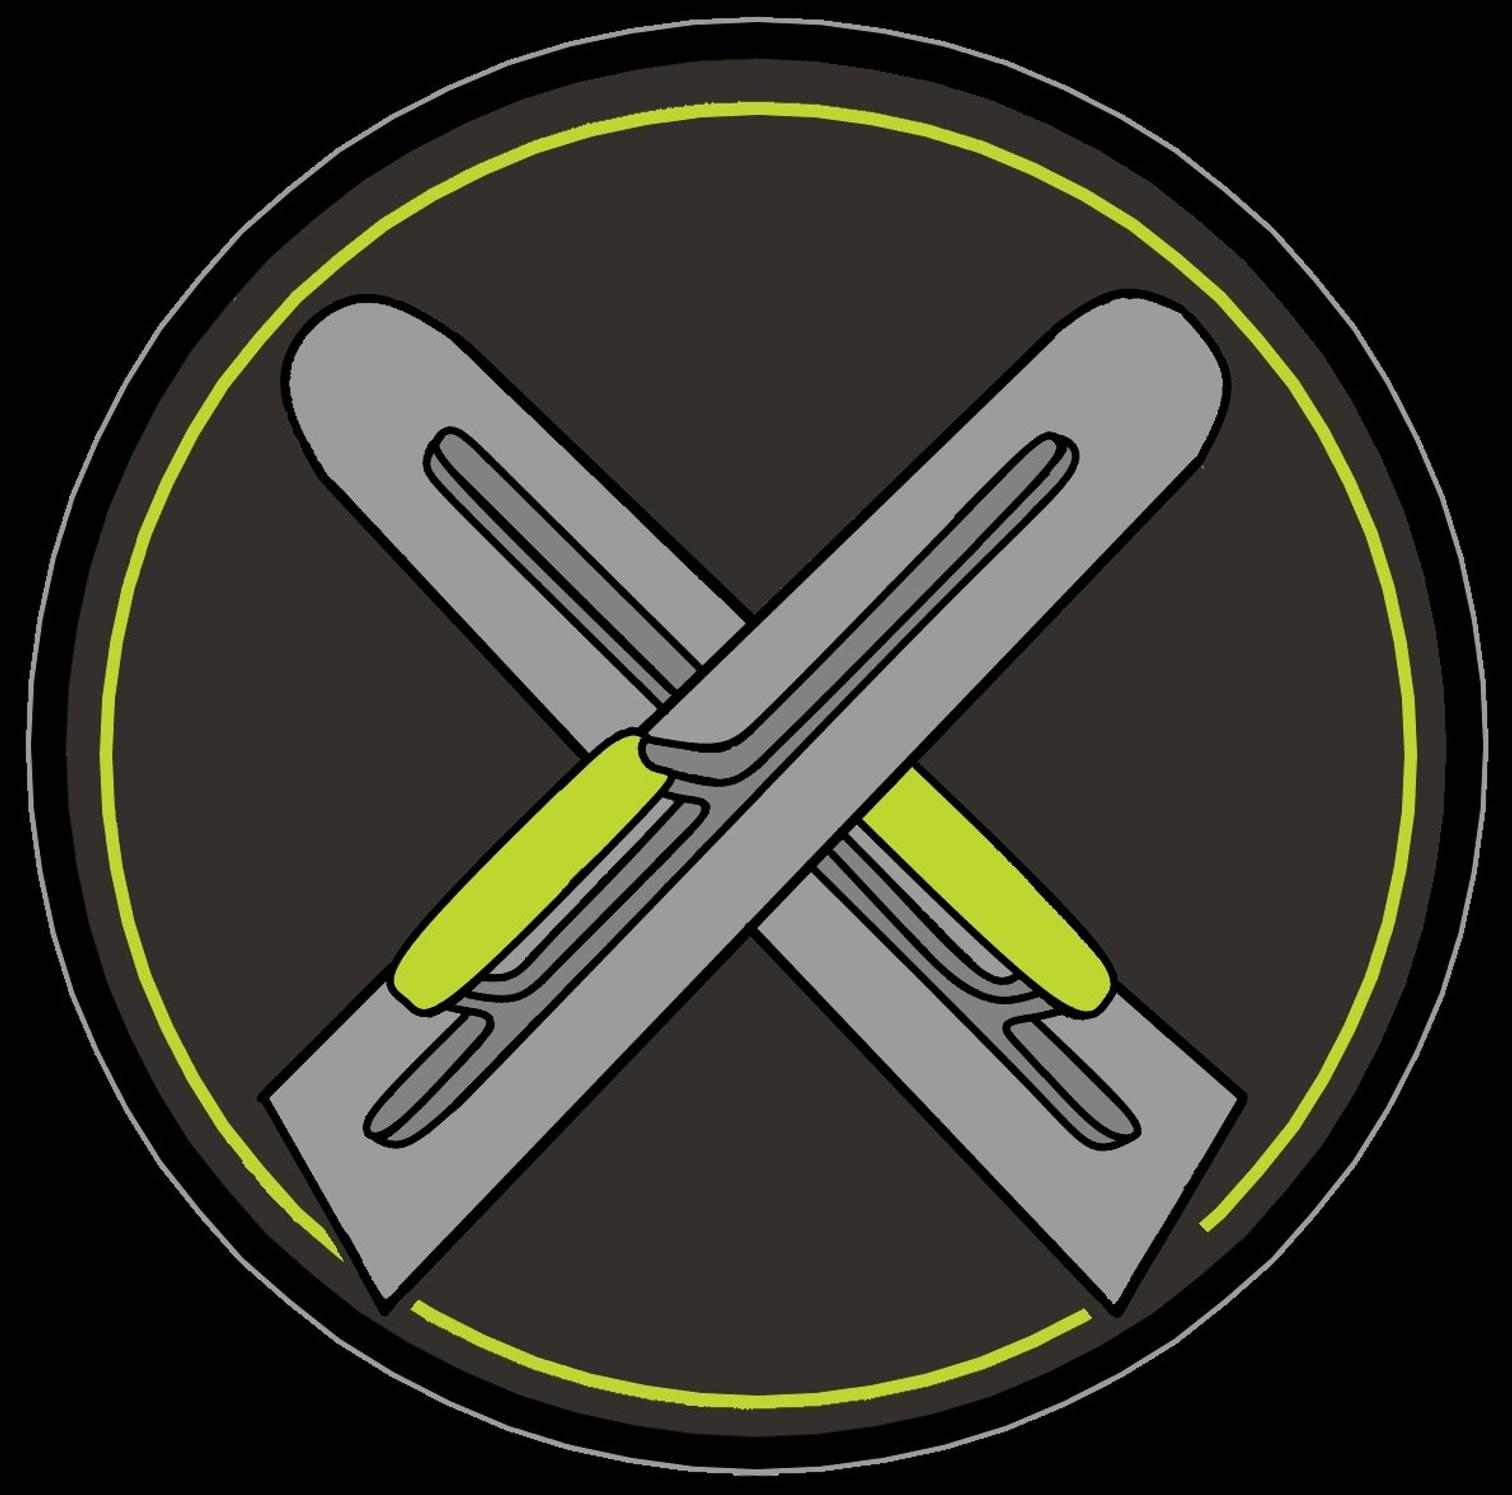 logo Scholiers Vloeren